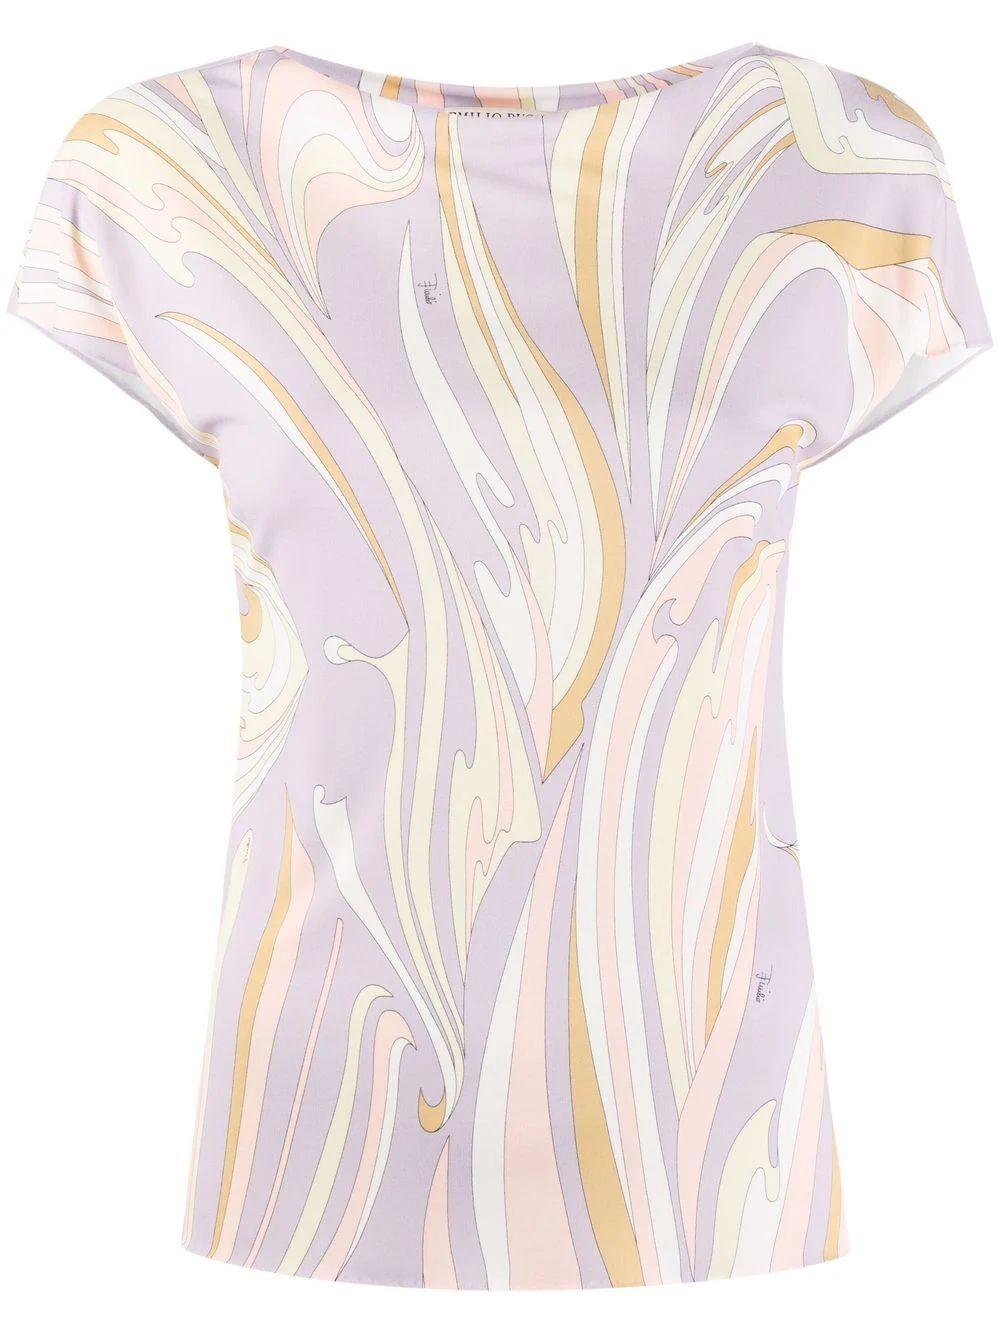 Printed Short Sleeve Top Item # 1RJN02-1R747